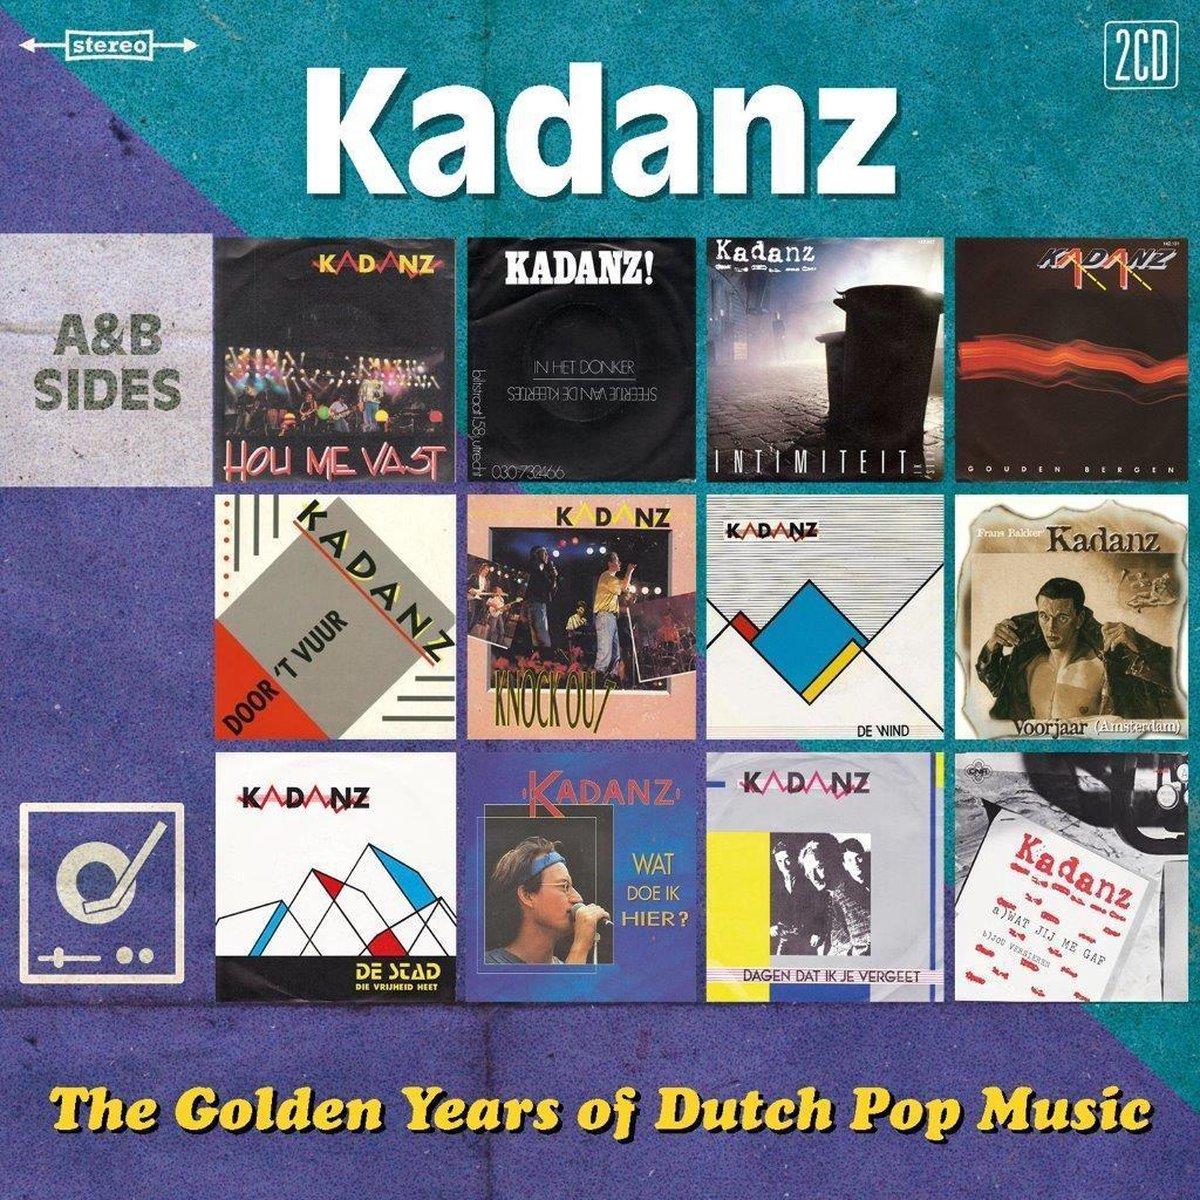 Golden Years Of Dutch Pop Music - Kadanz